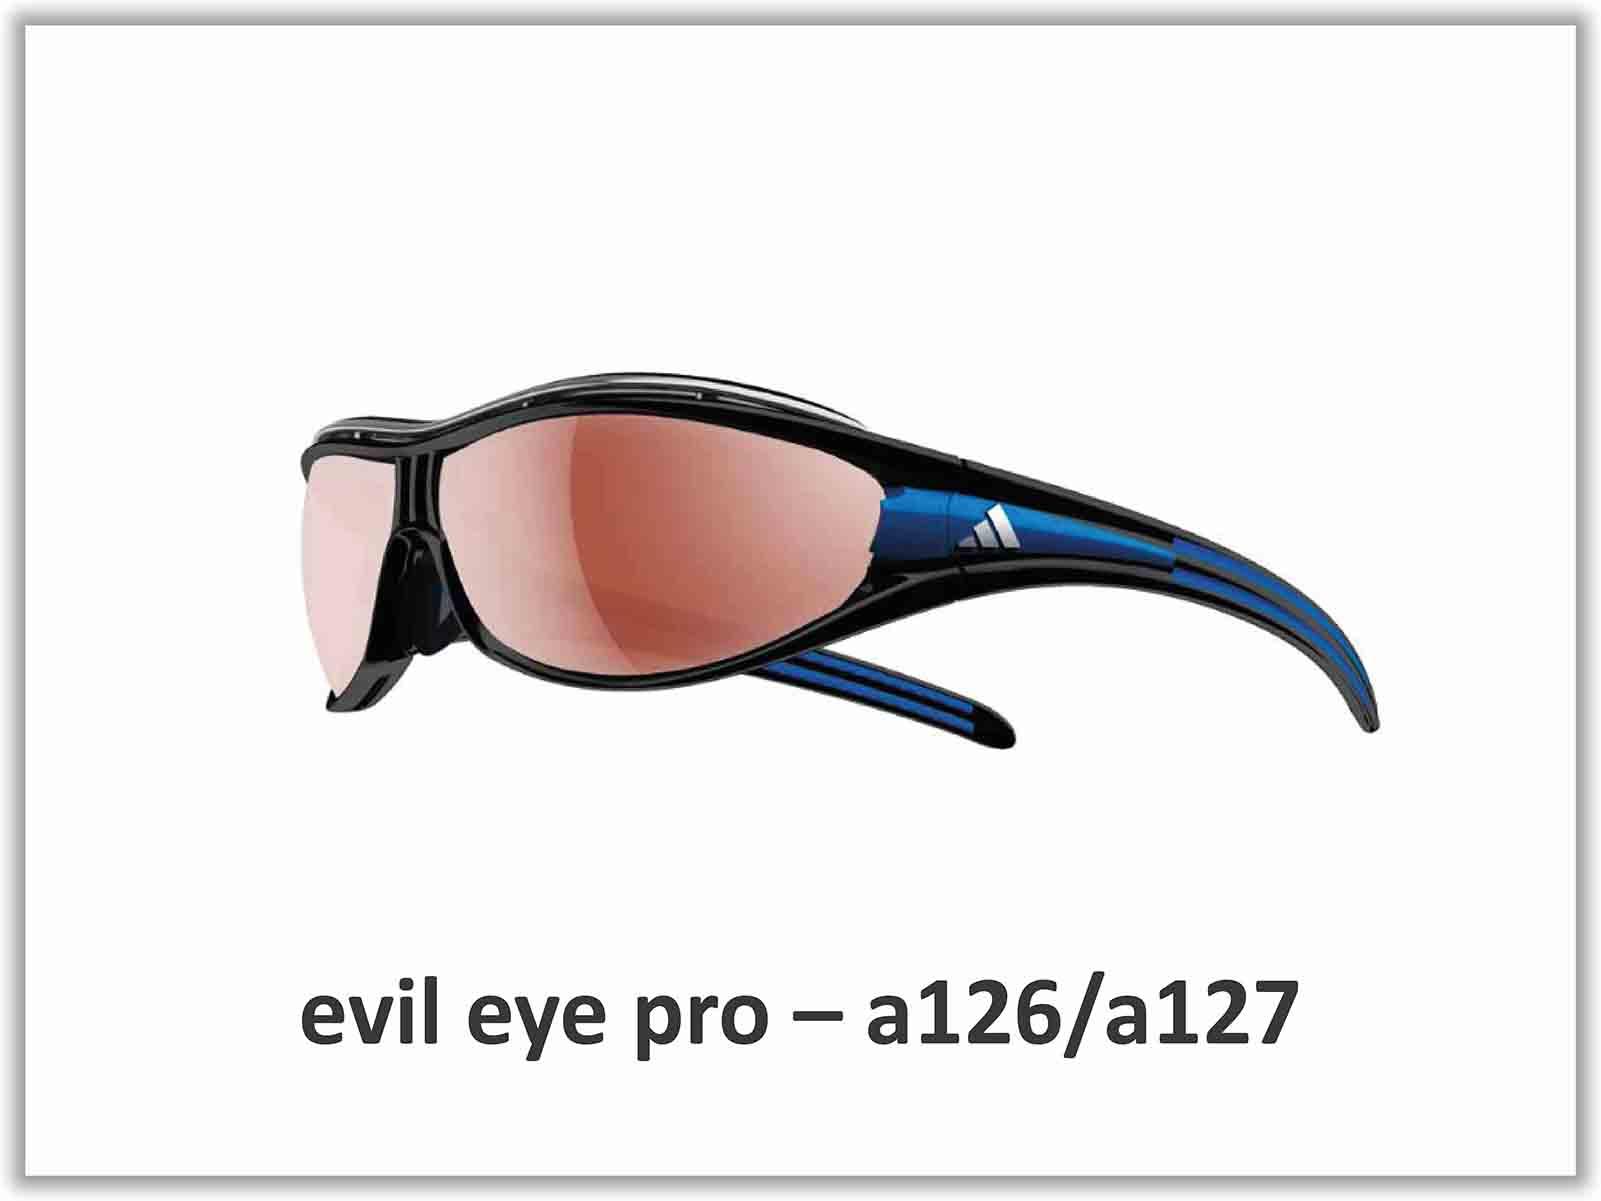 evil eye pro